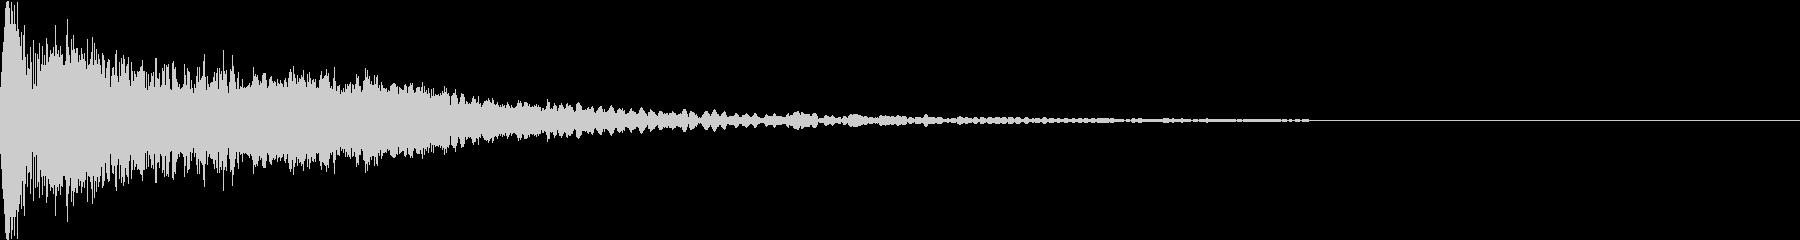 ロボット 合体 ガシーン キュイン 22の未再生の波形